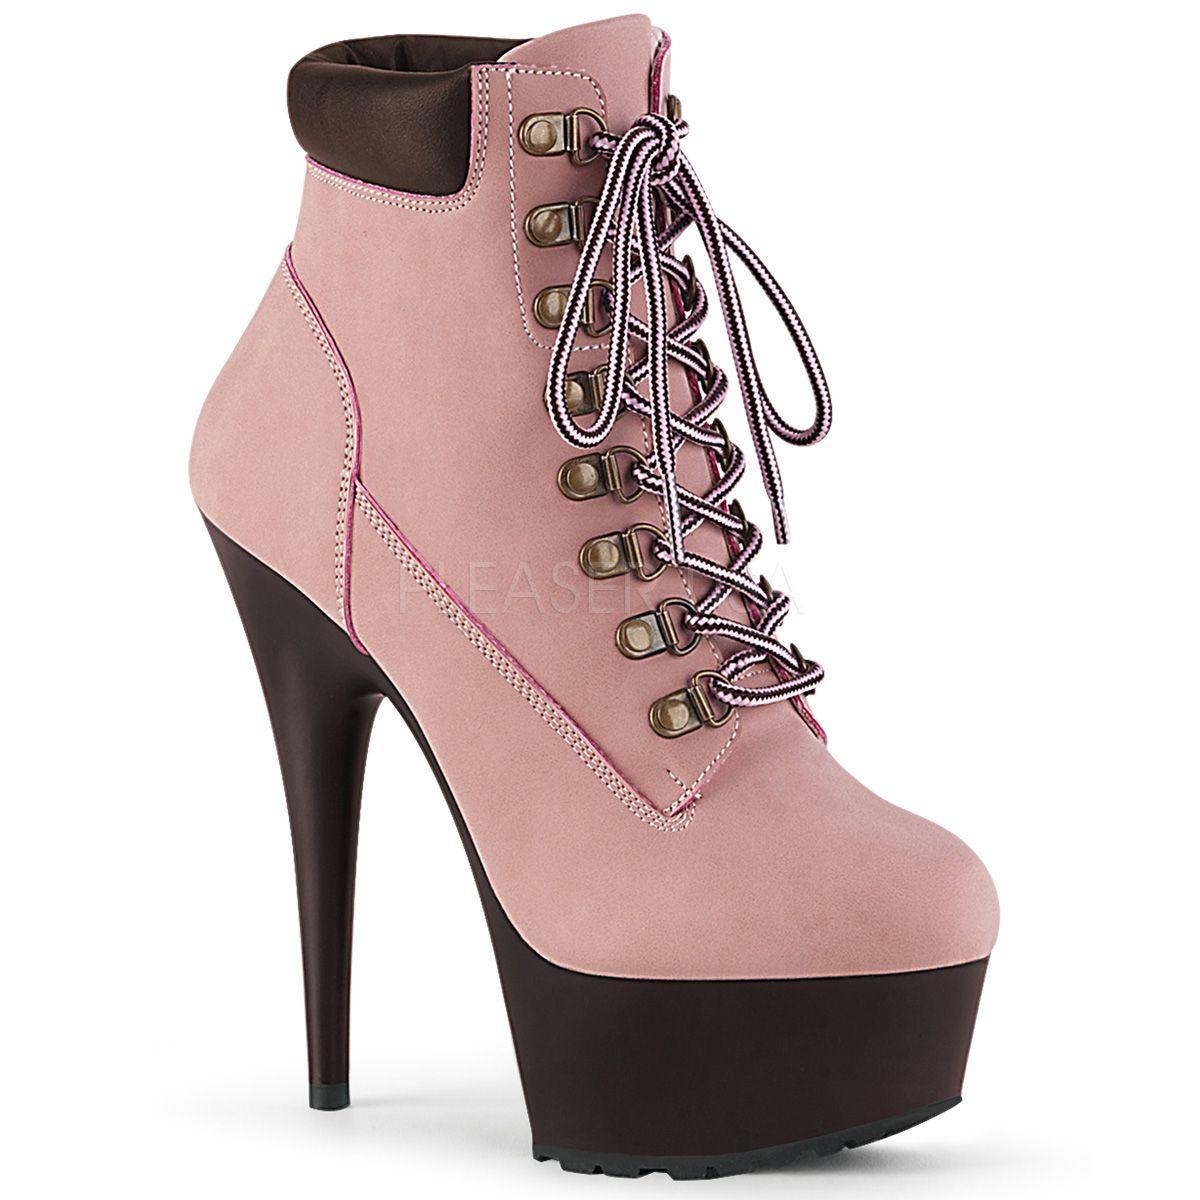 Offene Plateau Schnür Stiefelette Adore 1018 neon pink